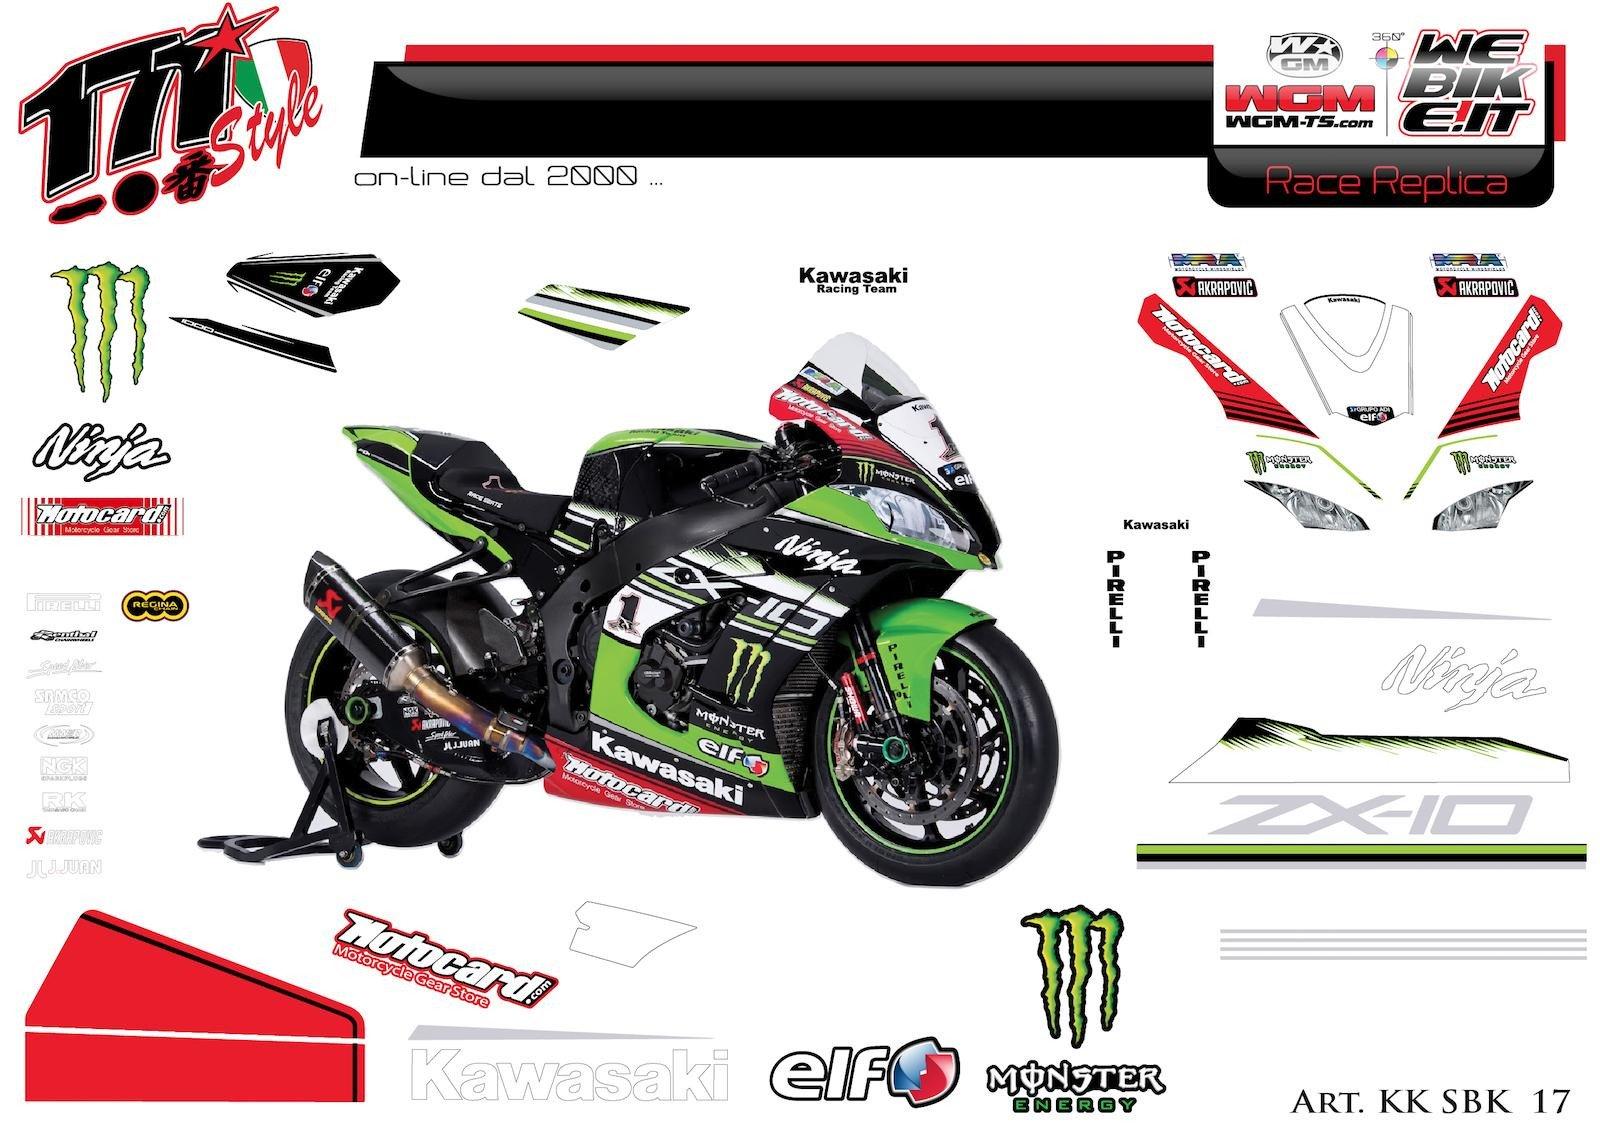 Kit adesivi Race replica adesivi Race replica Kawasaki SBK 2017